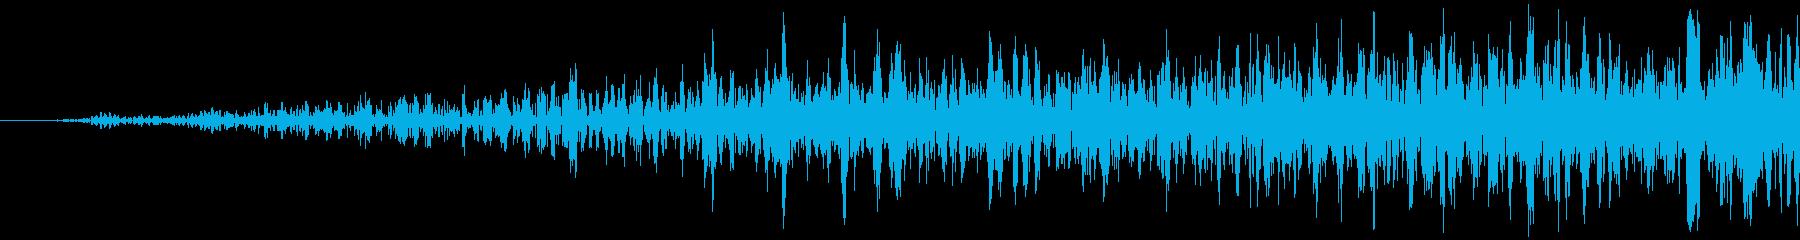 シューッという音EC07_87_2の再生済みの波形